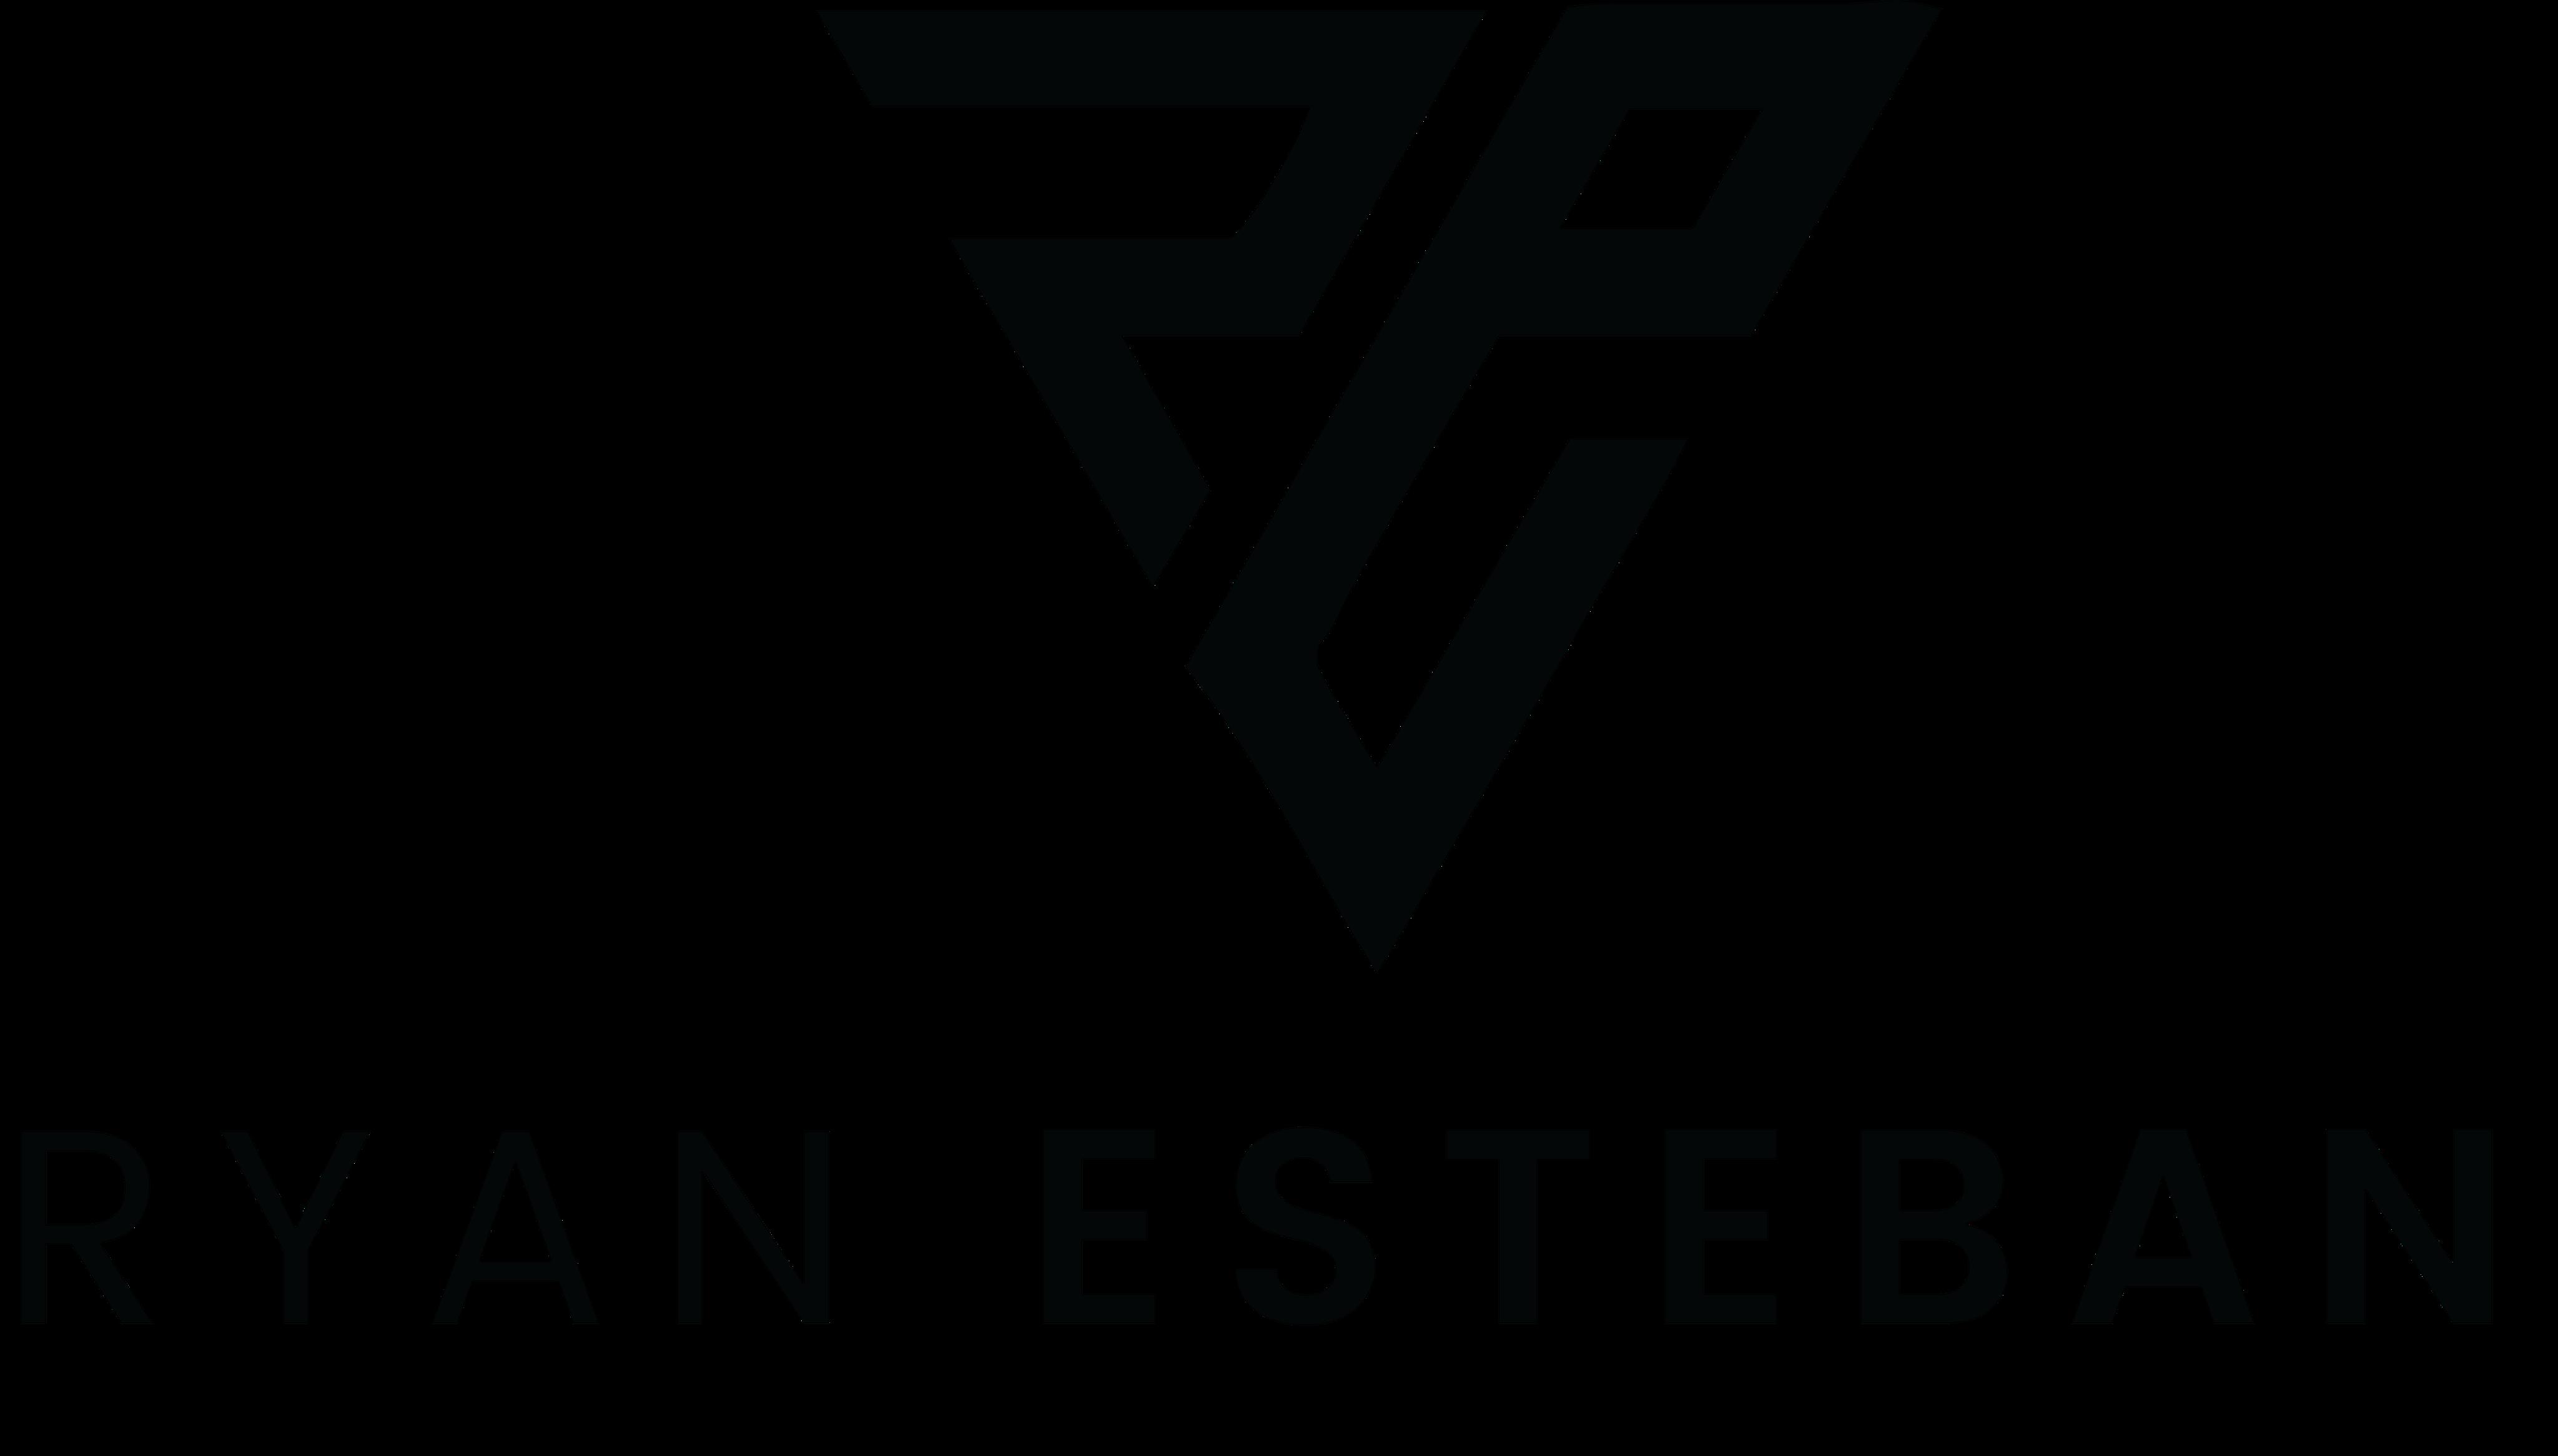 Ryan Esteban